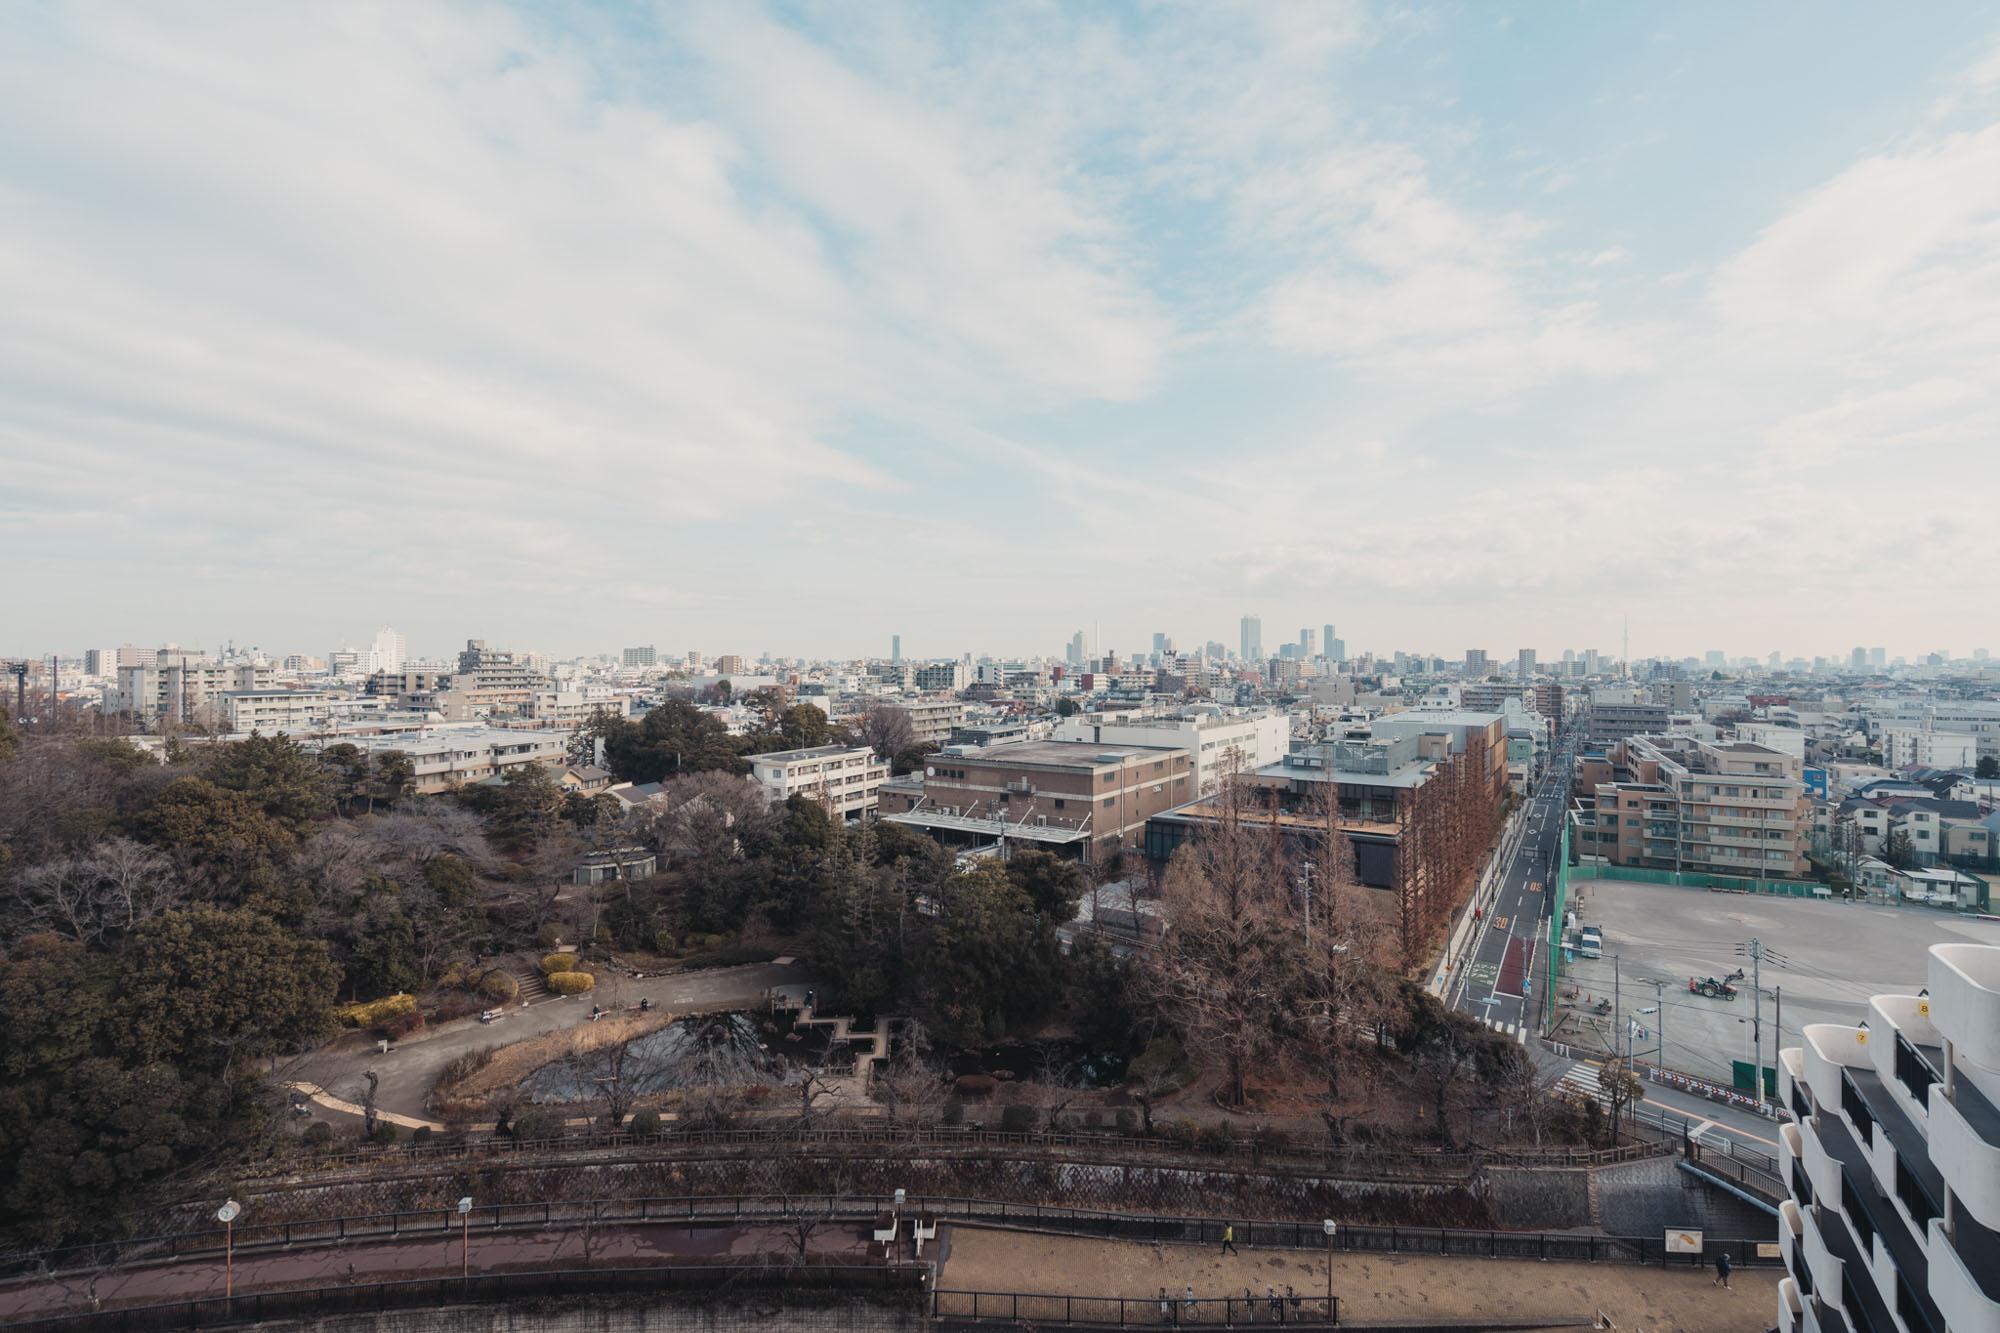 こちら、建物11階北側からの眺め。妙正寺川を挟んですぐ、池があり木々が生い茂っているのが「哲学堂公園」です。